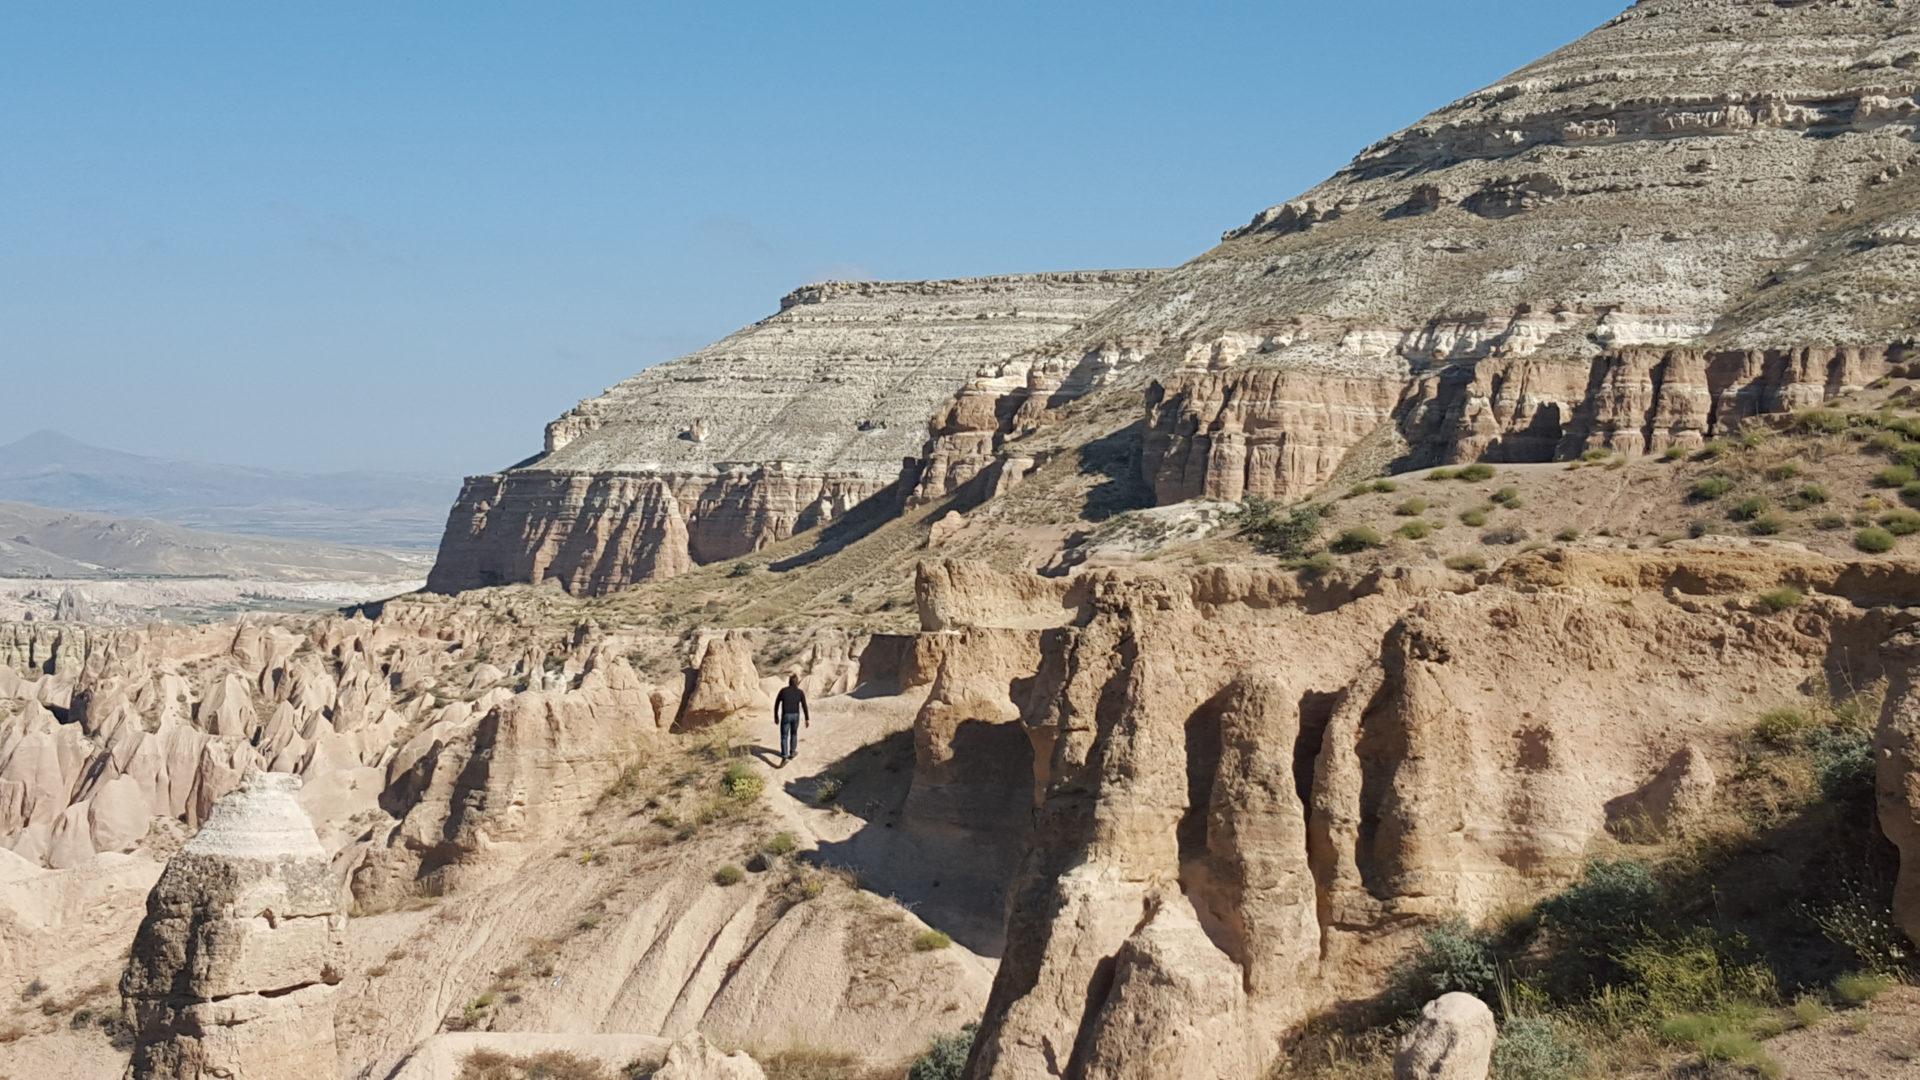 Fotografía de un paisaje de la Capadocia, Turquía, durante un viaje de Jordi Roca